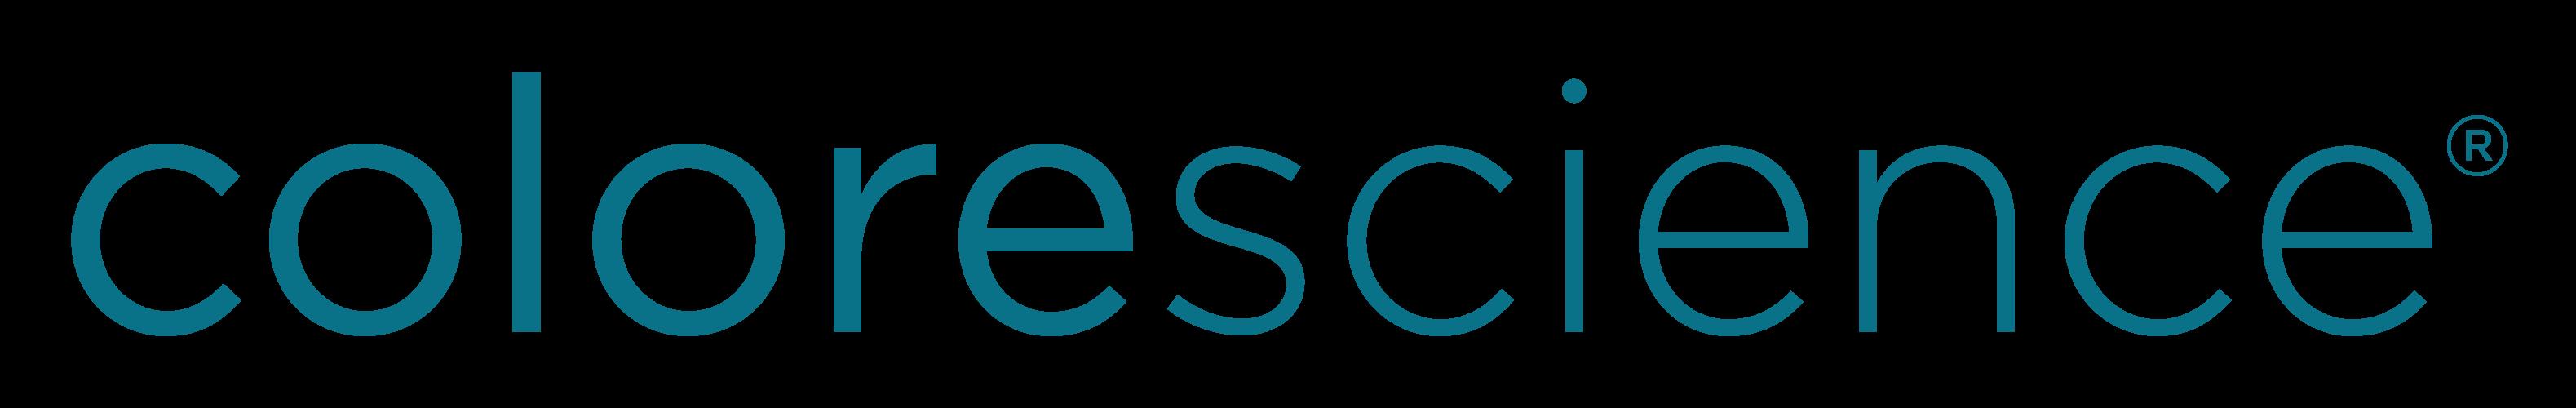 CS Logotype Teal 2017-02-08